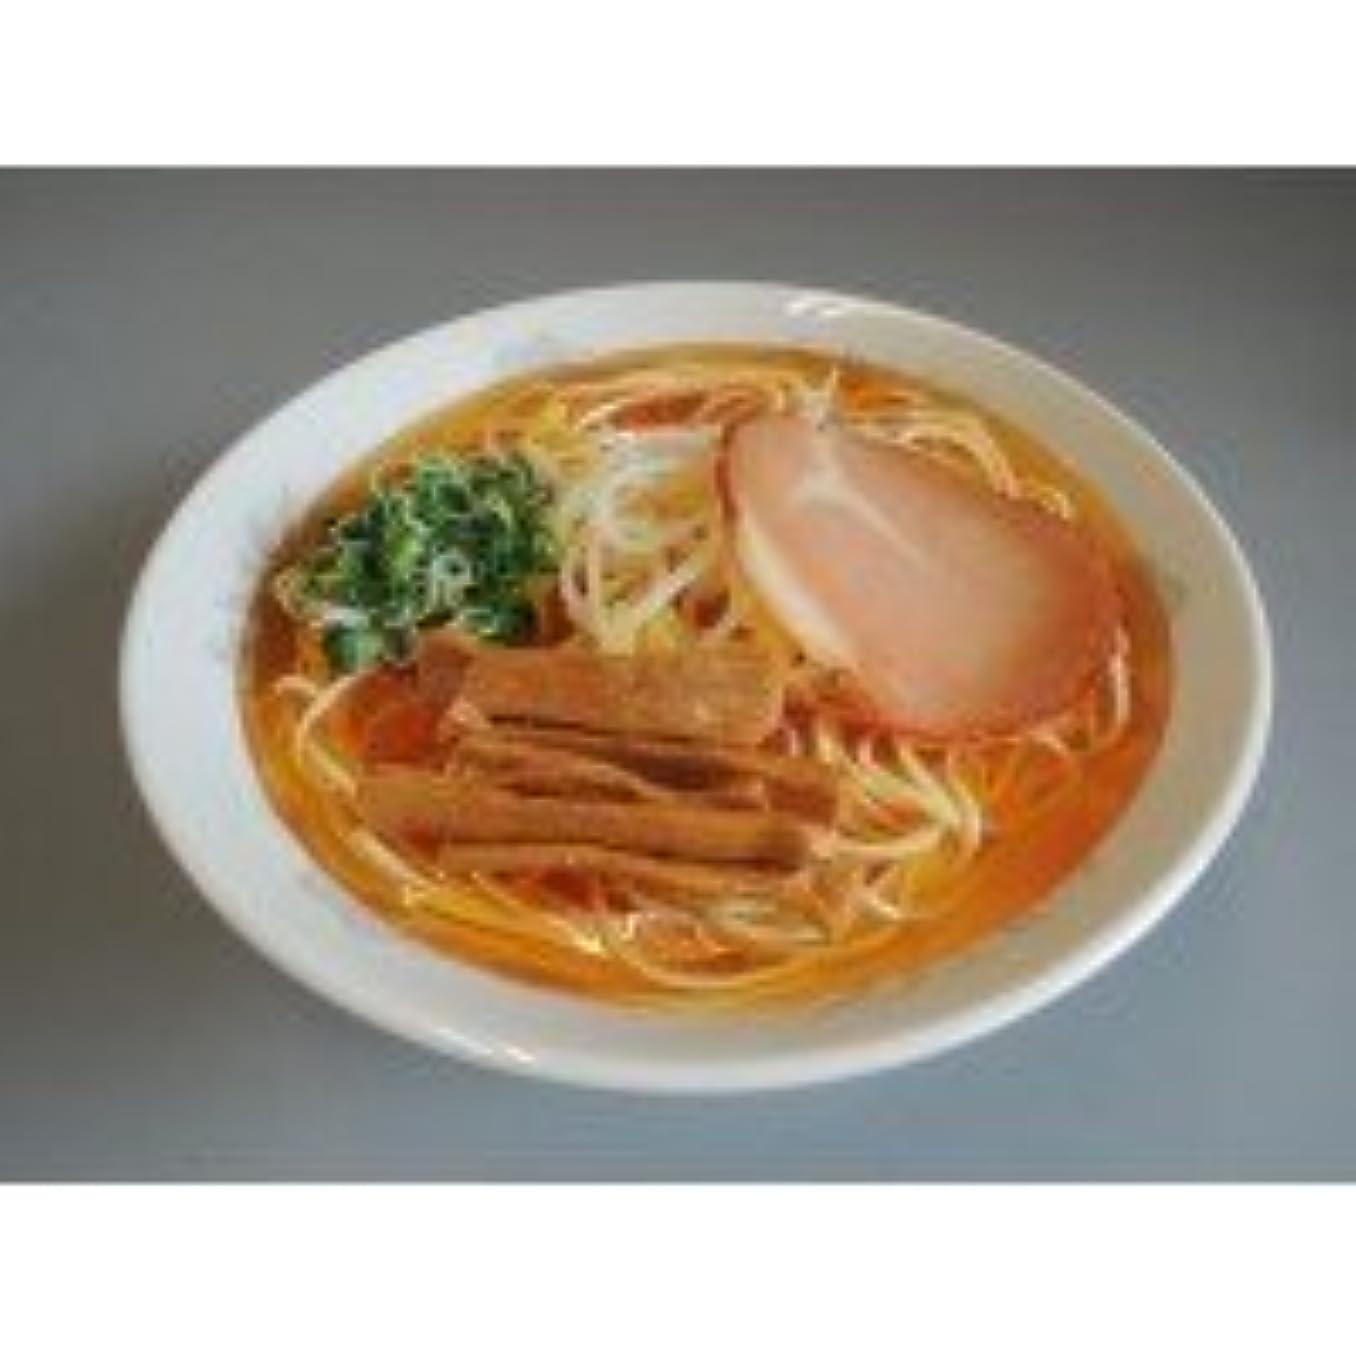 フリル花婿心配日本職人が作る 食品サンプル ラーメン IP-163